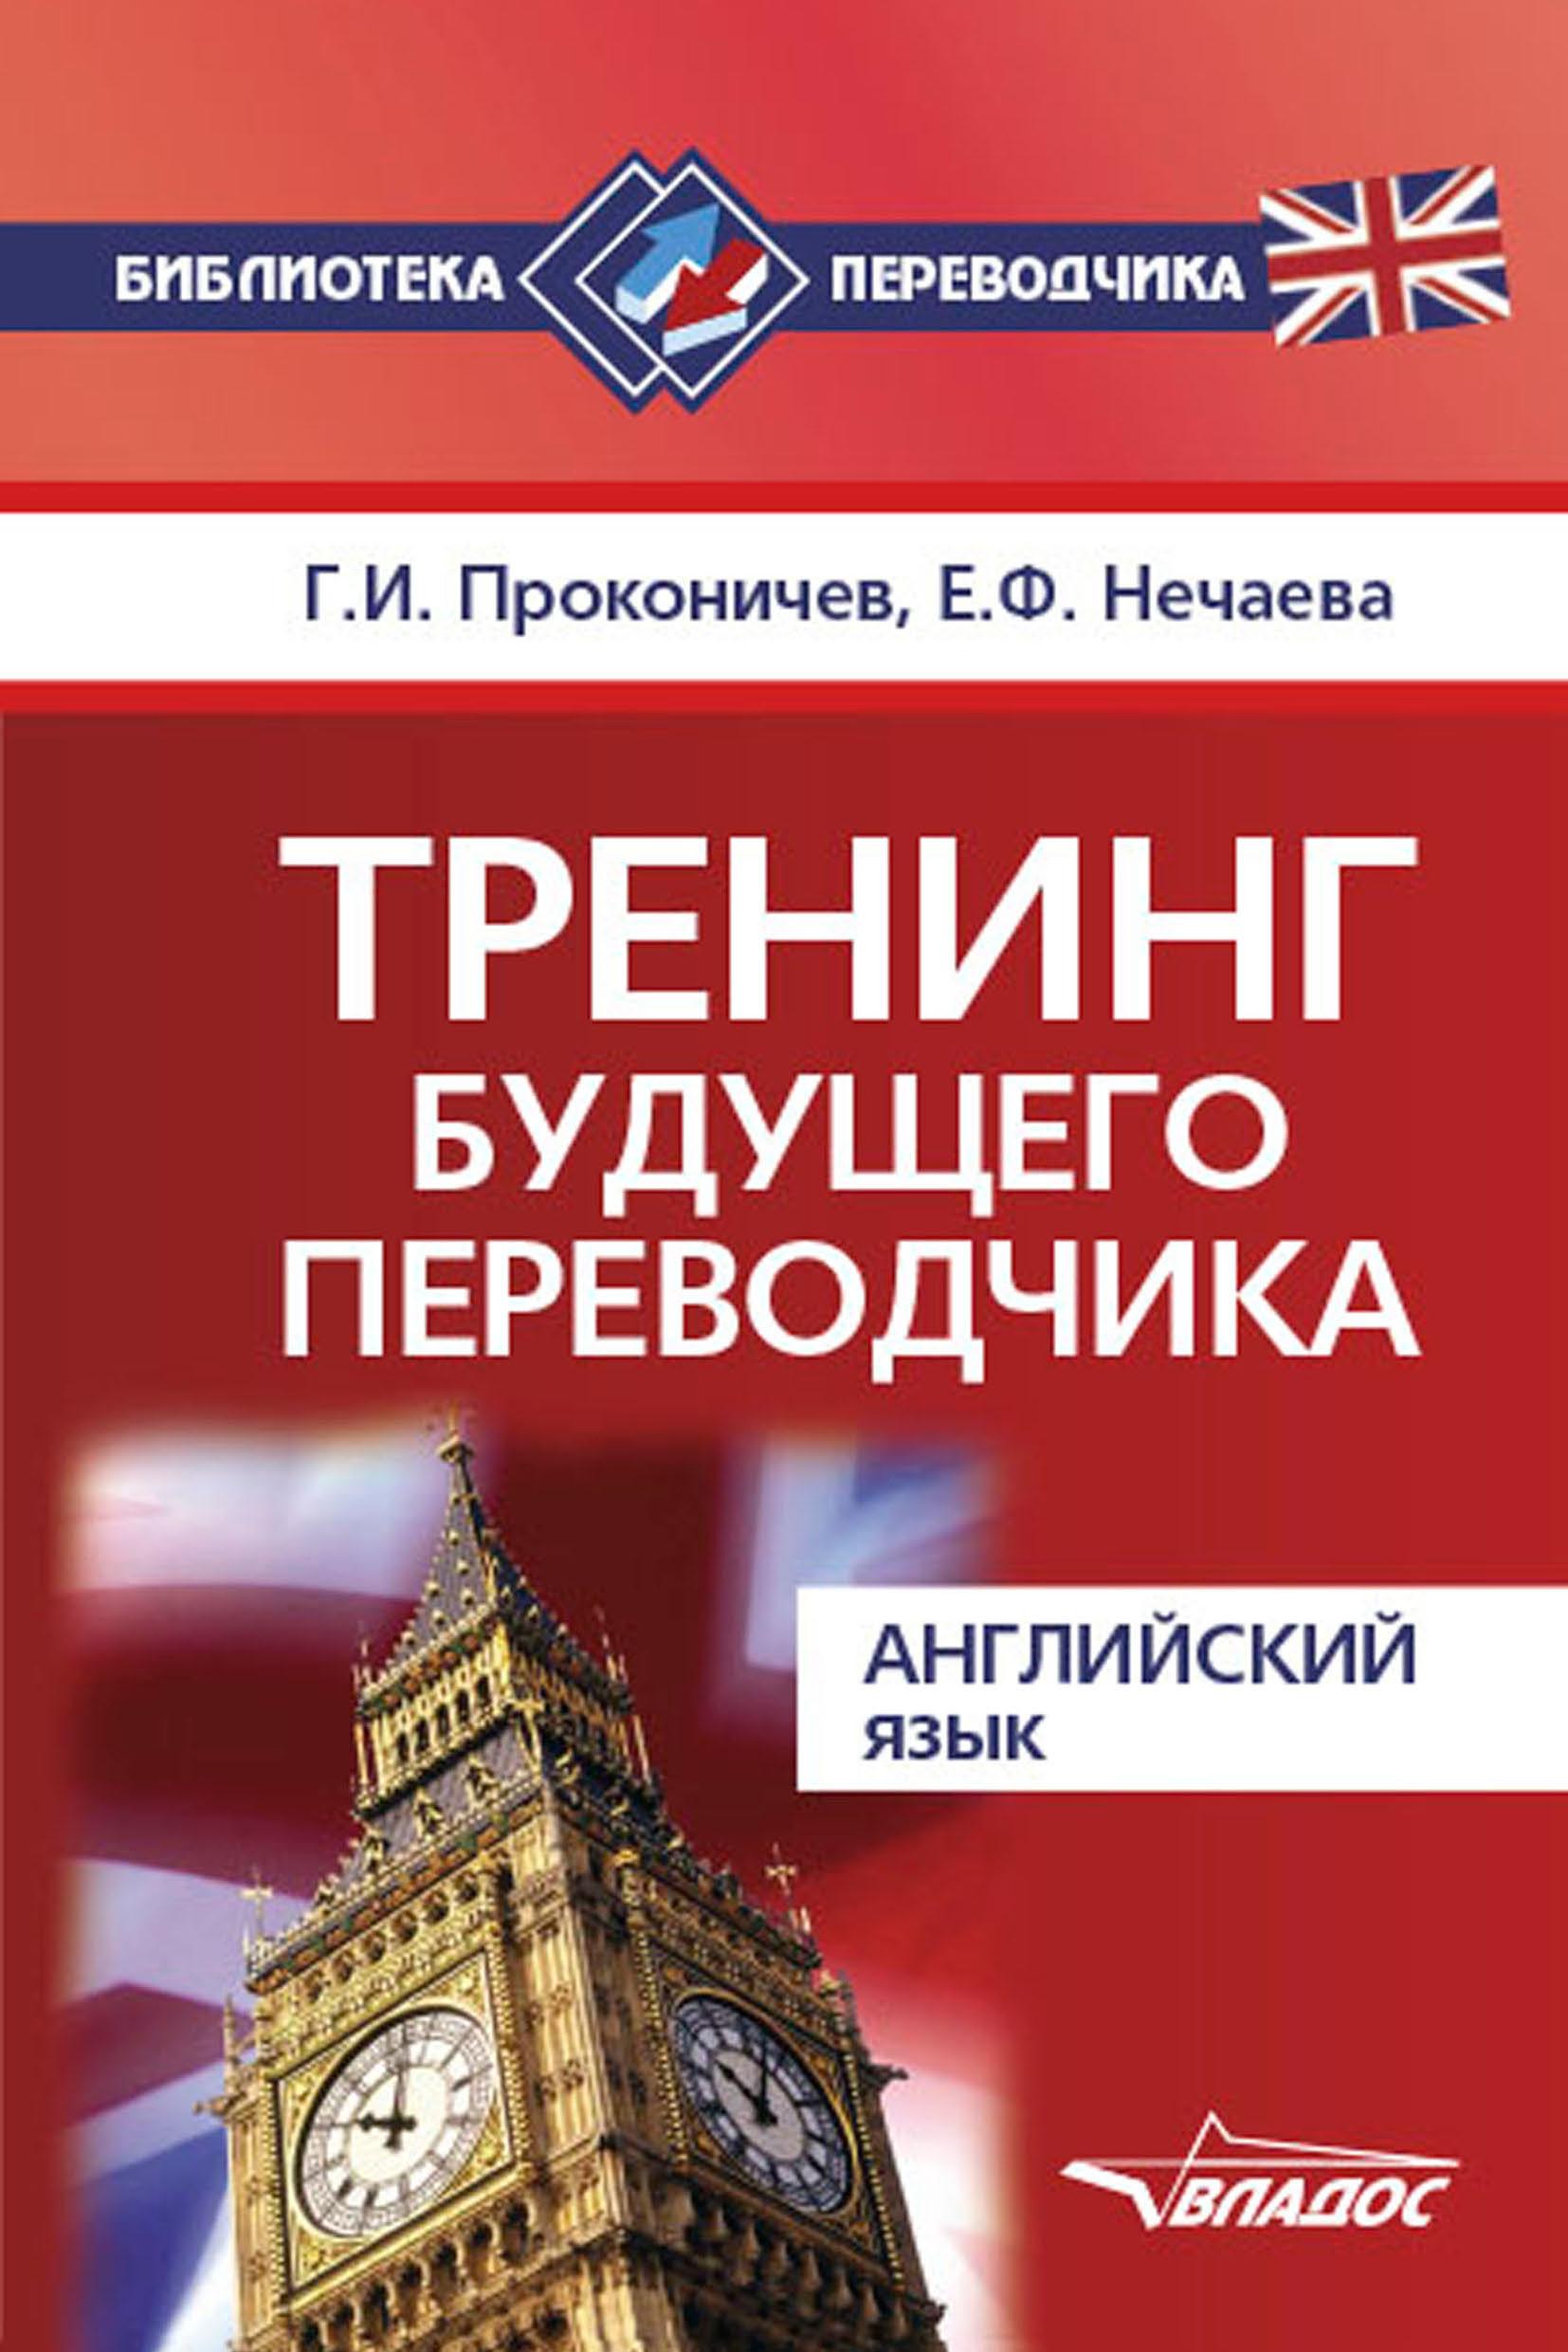 Фото - Е. Ф. Нечаева Тренинг будущего переводчика. Английский язык е ф нечаева тренинг будущего переводчика французский язык